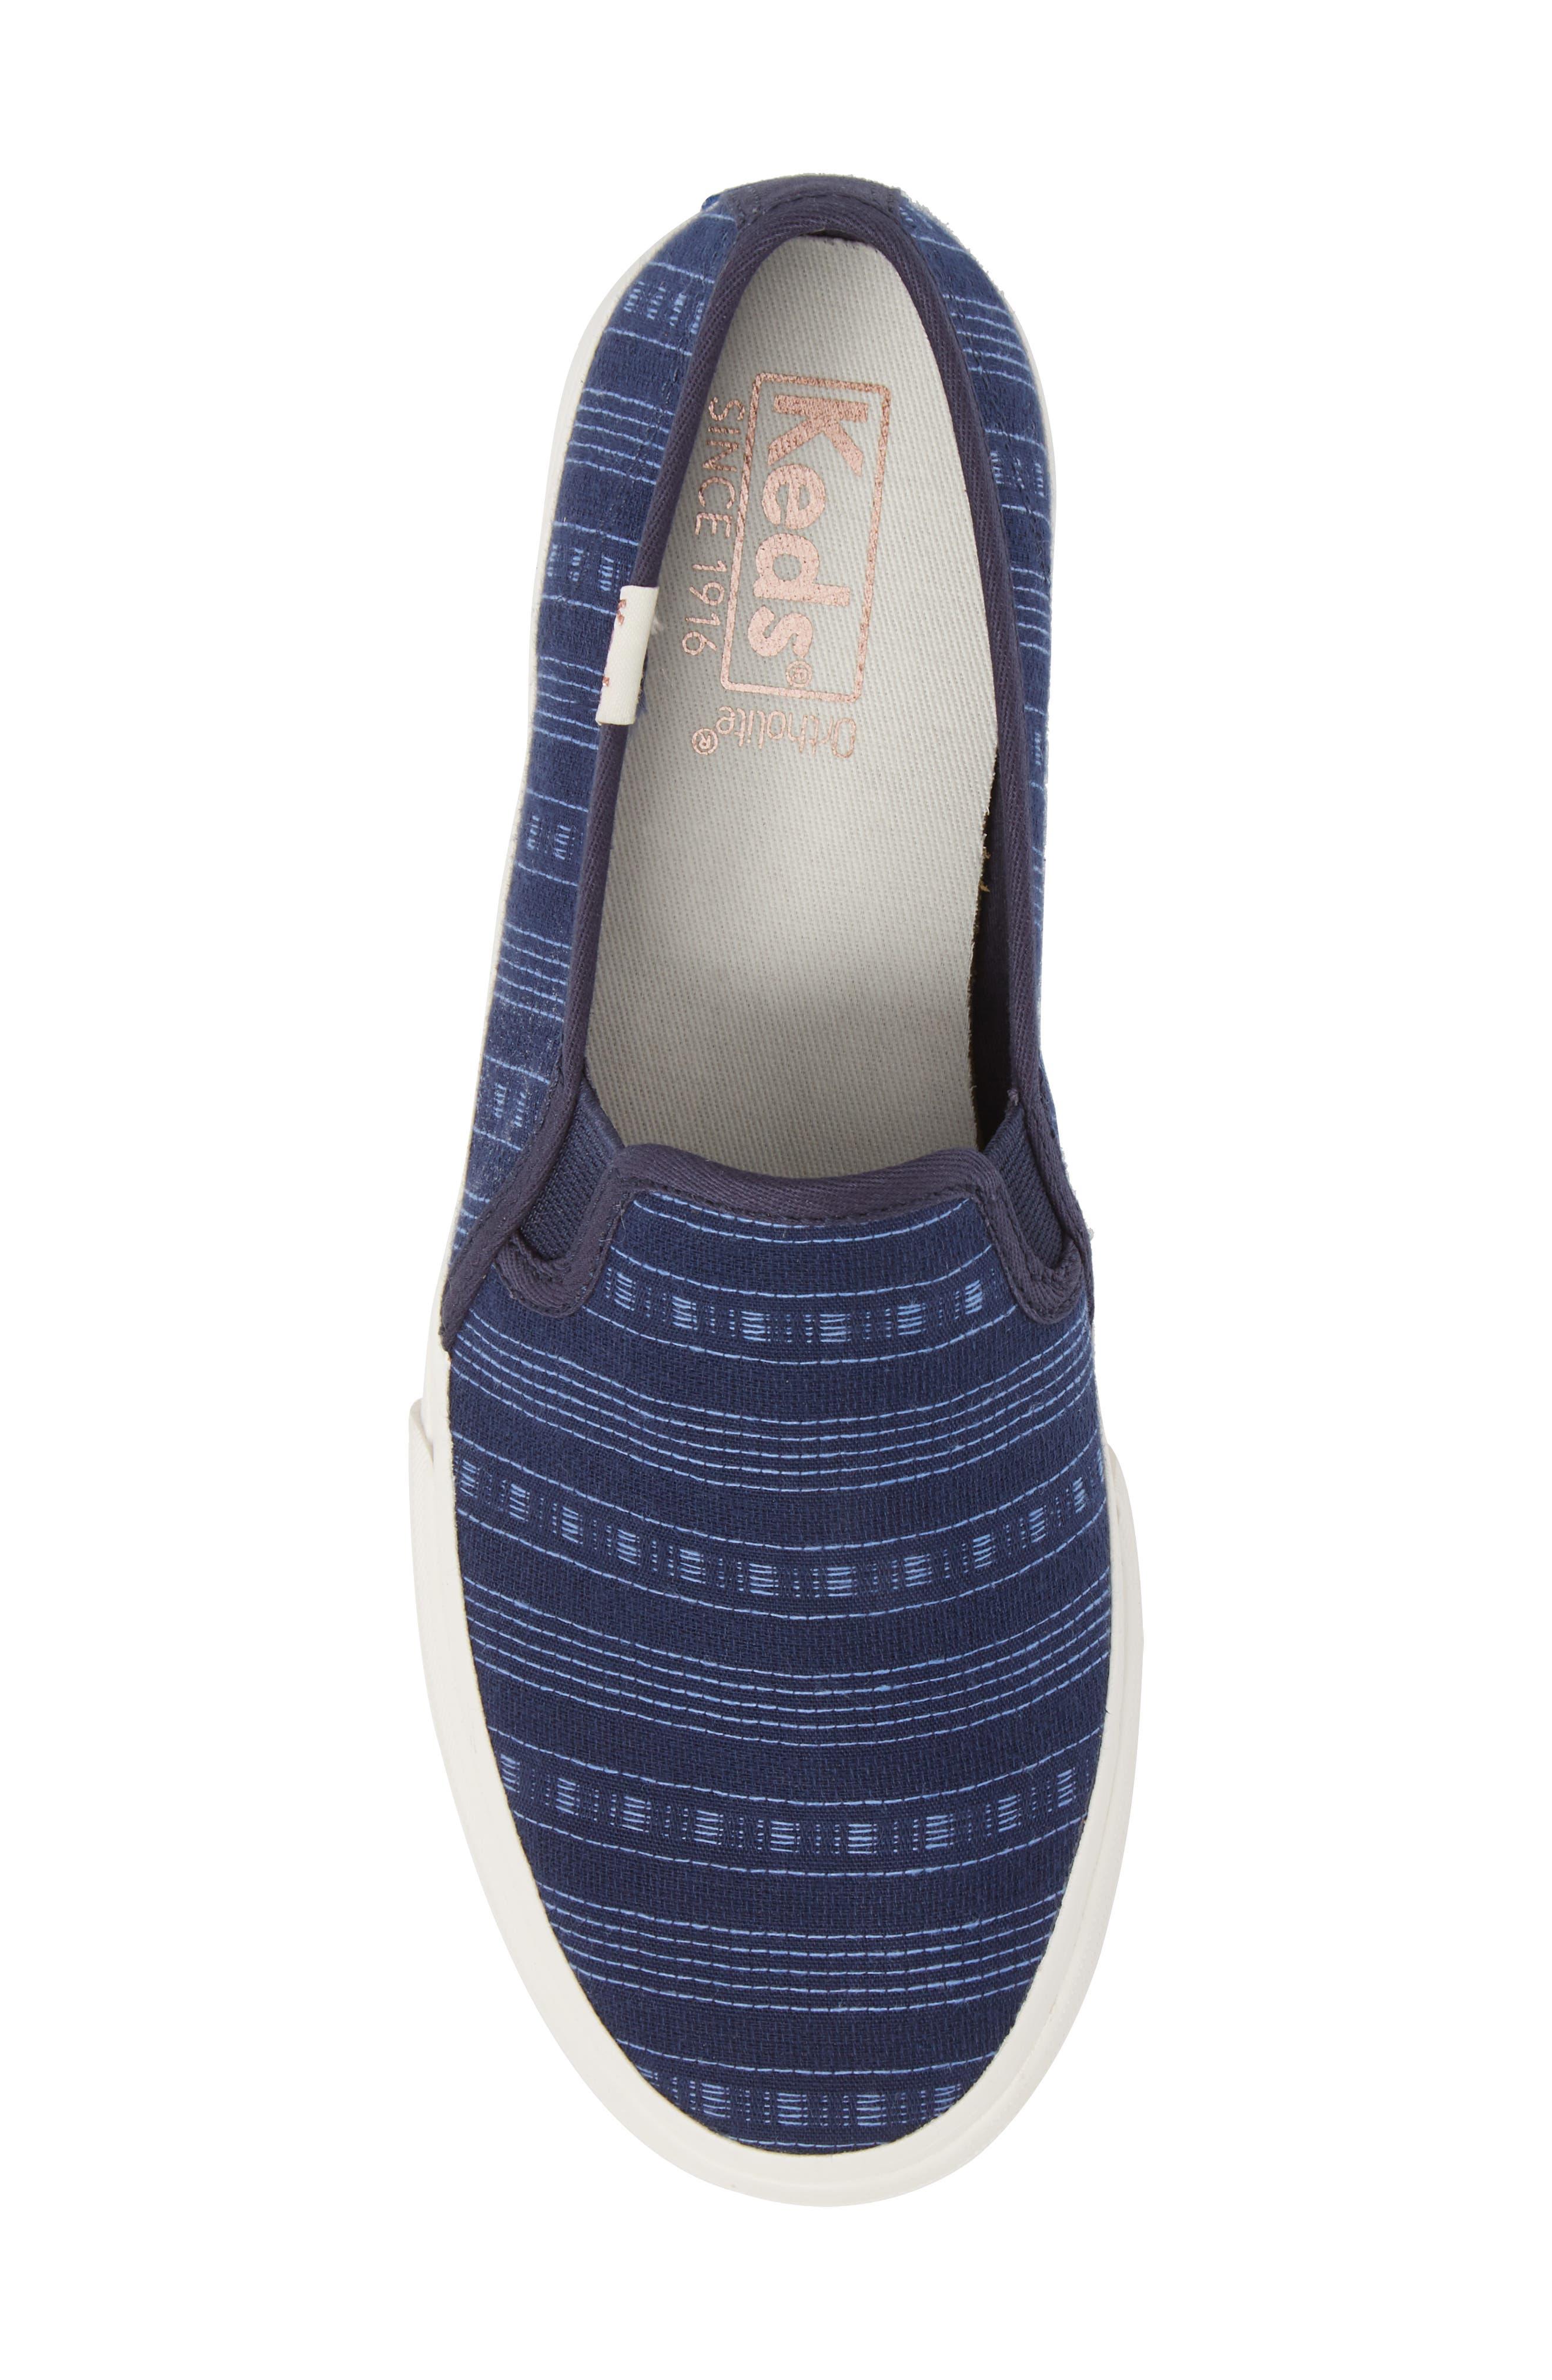 Double Decker Summer Stripe Slip-On Sneaker,                             Alternate thumbnail 5, color,                             410